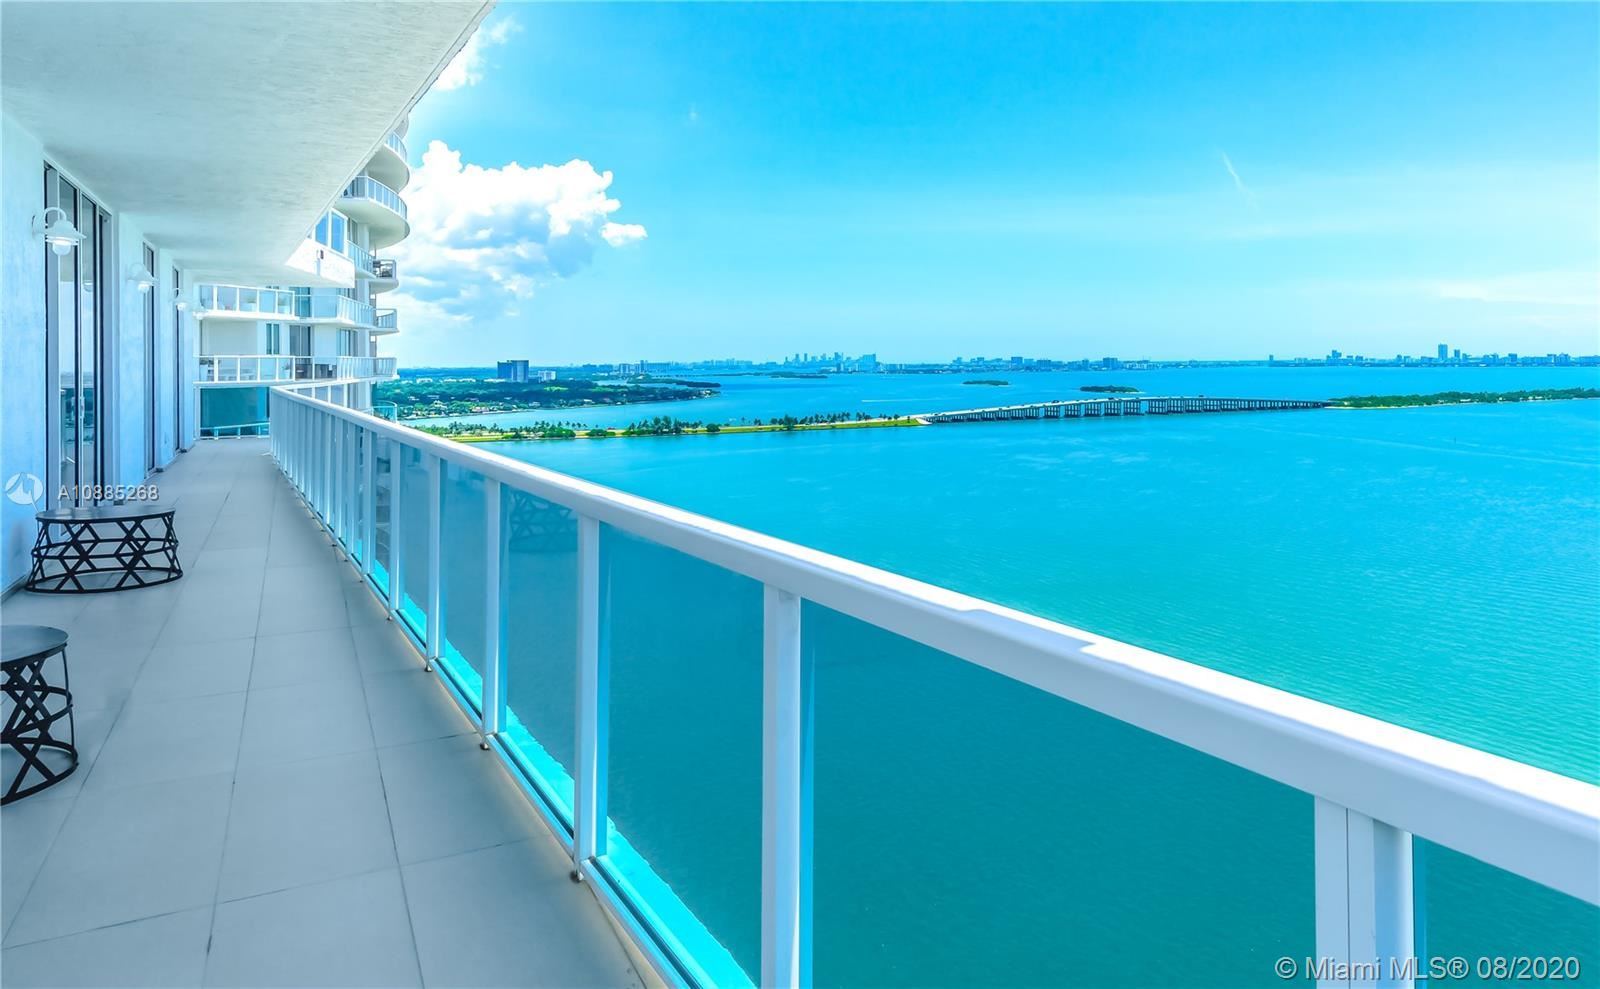 700 NE 25 St #PH-1, Miami, FL 33137 - #: A10885268